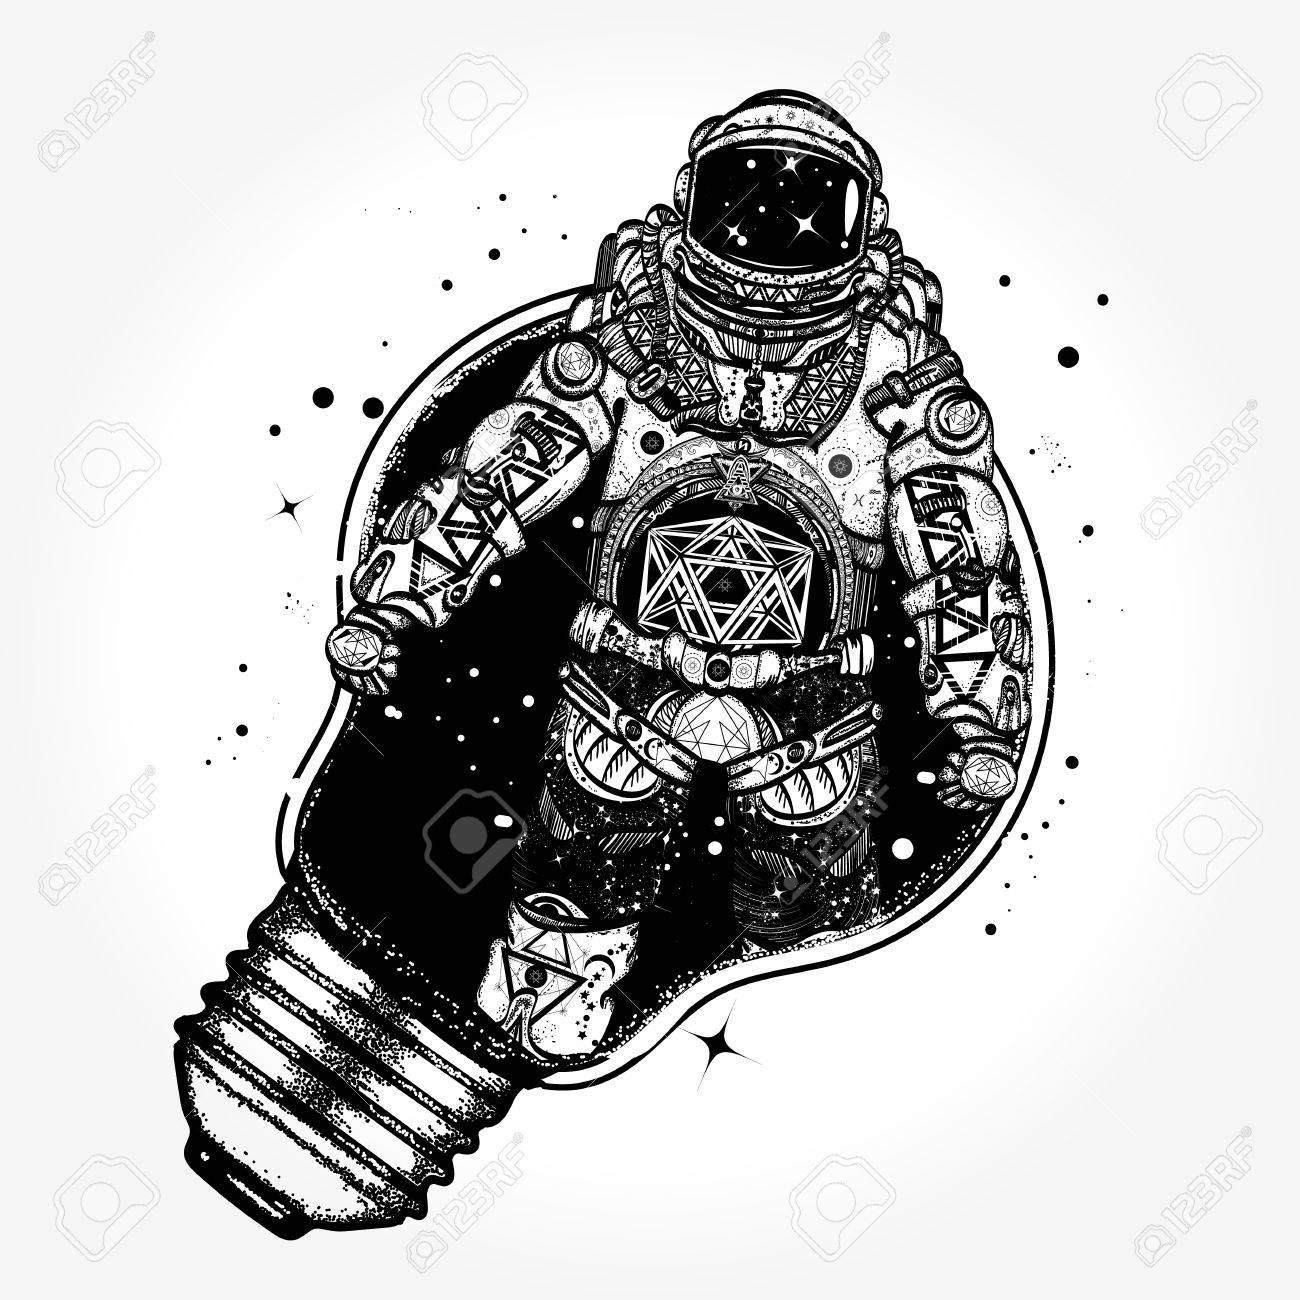 Astronaut in a light bulb tattoo art astronaut surreal graphics astronaut in a light bulb tattoo art astronaut surreal graphics t shirt design biocorpaavc